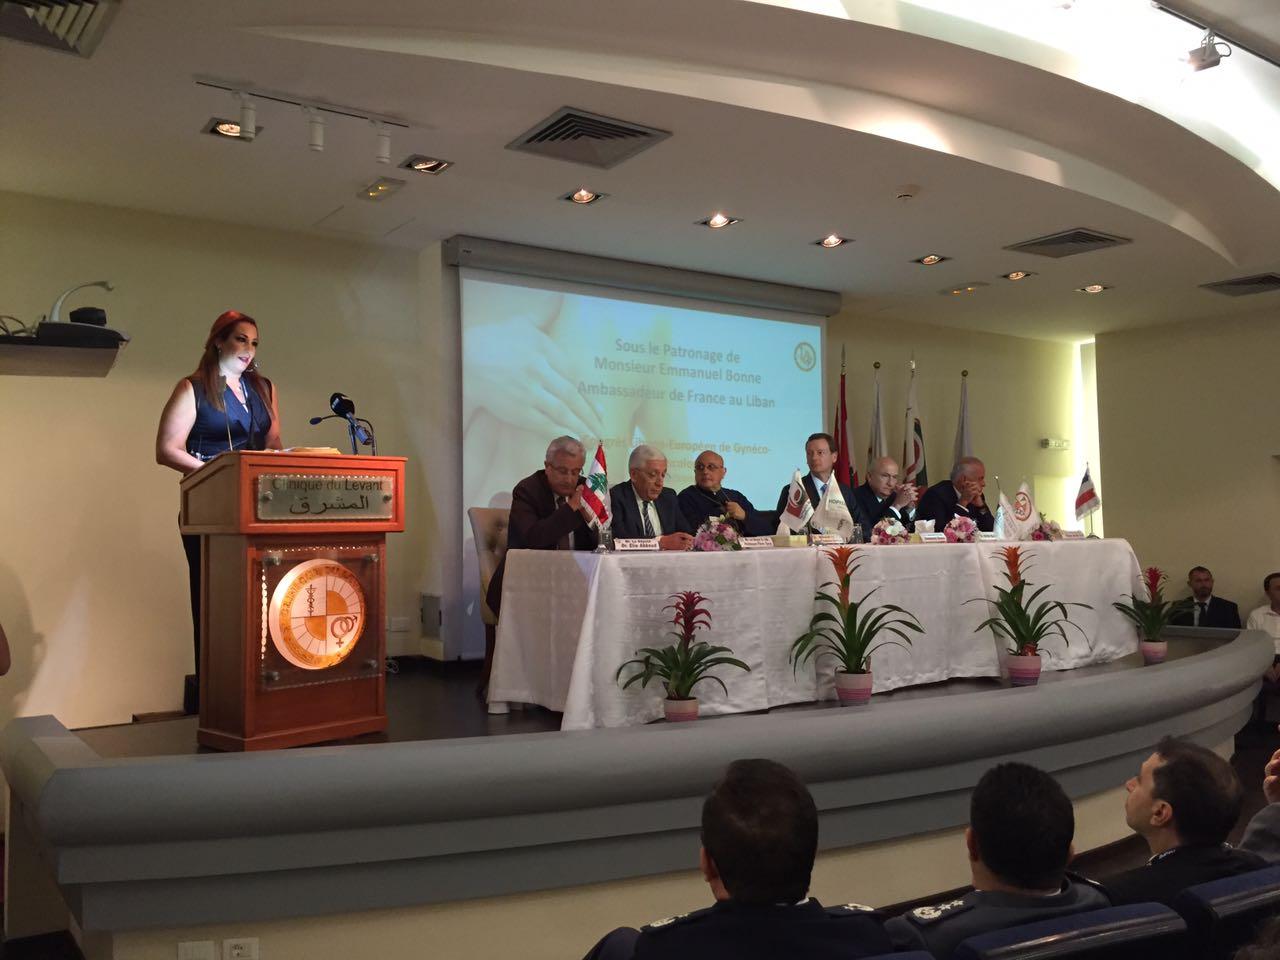 افتتاح المؤتمر الطبي اللبناني الفرنسي في مستشفى المشرق